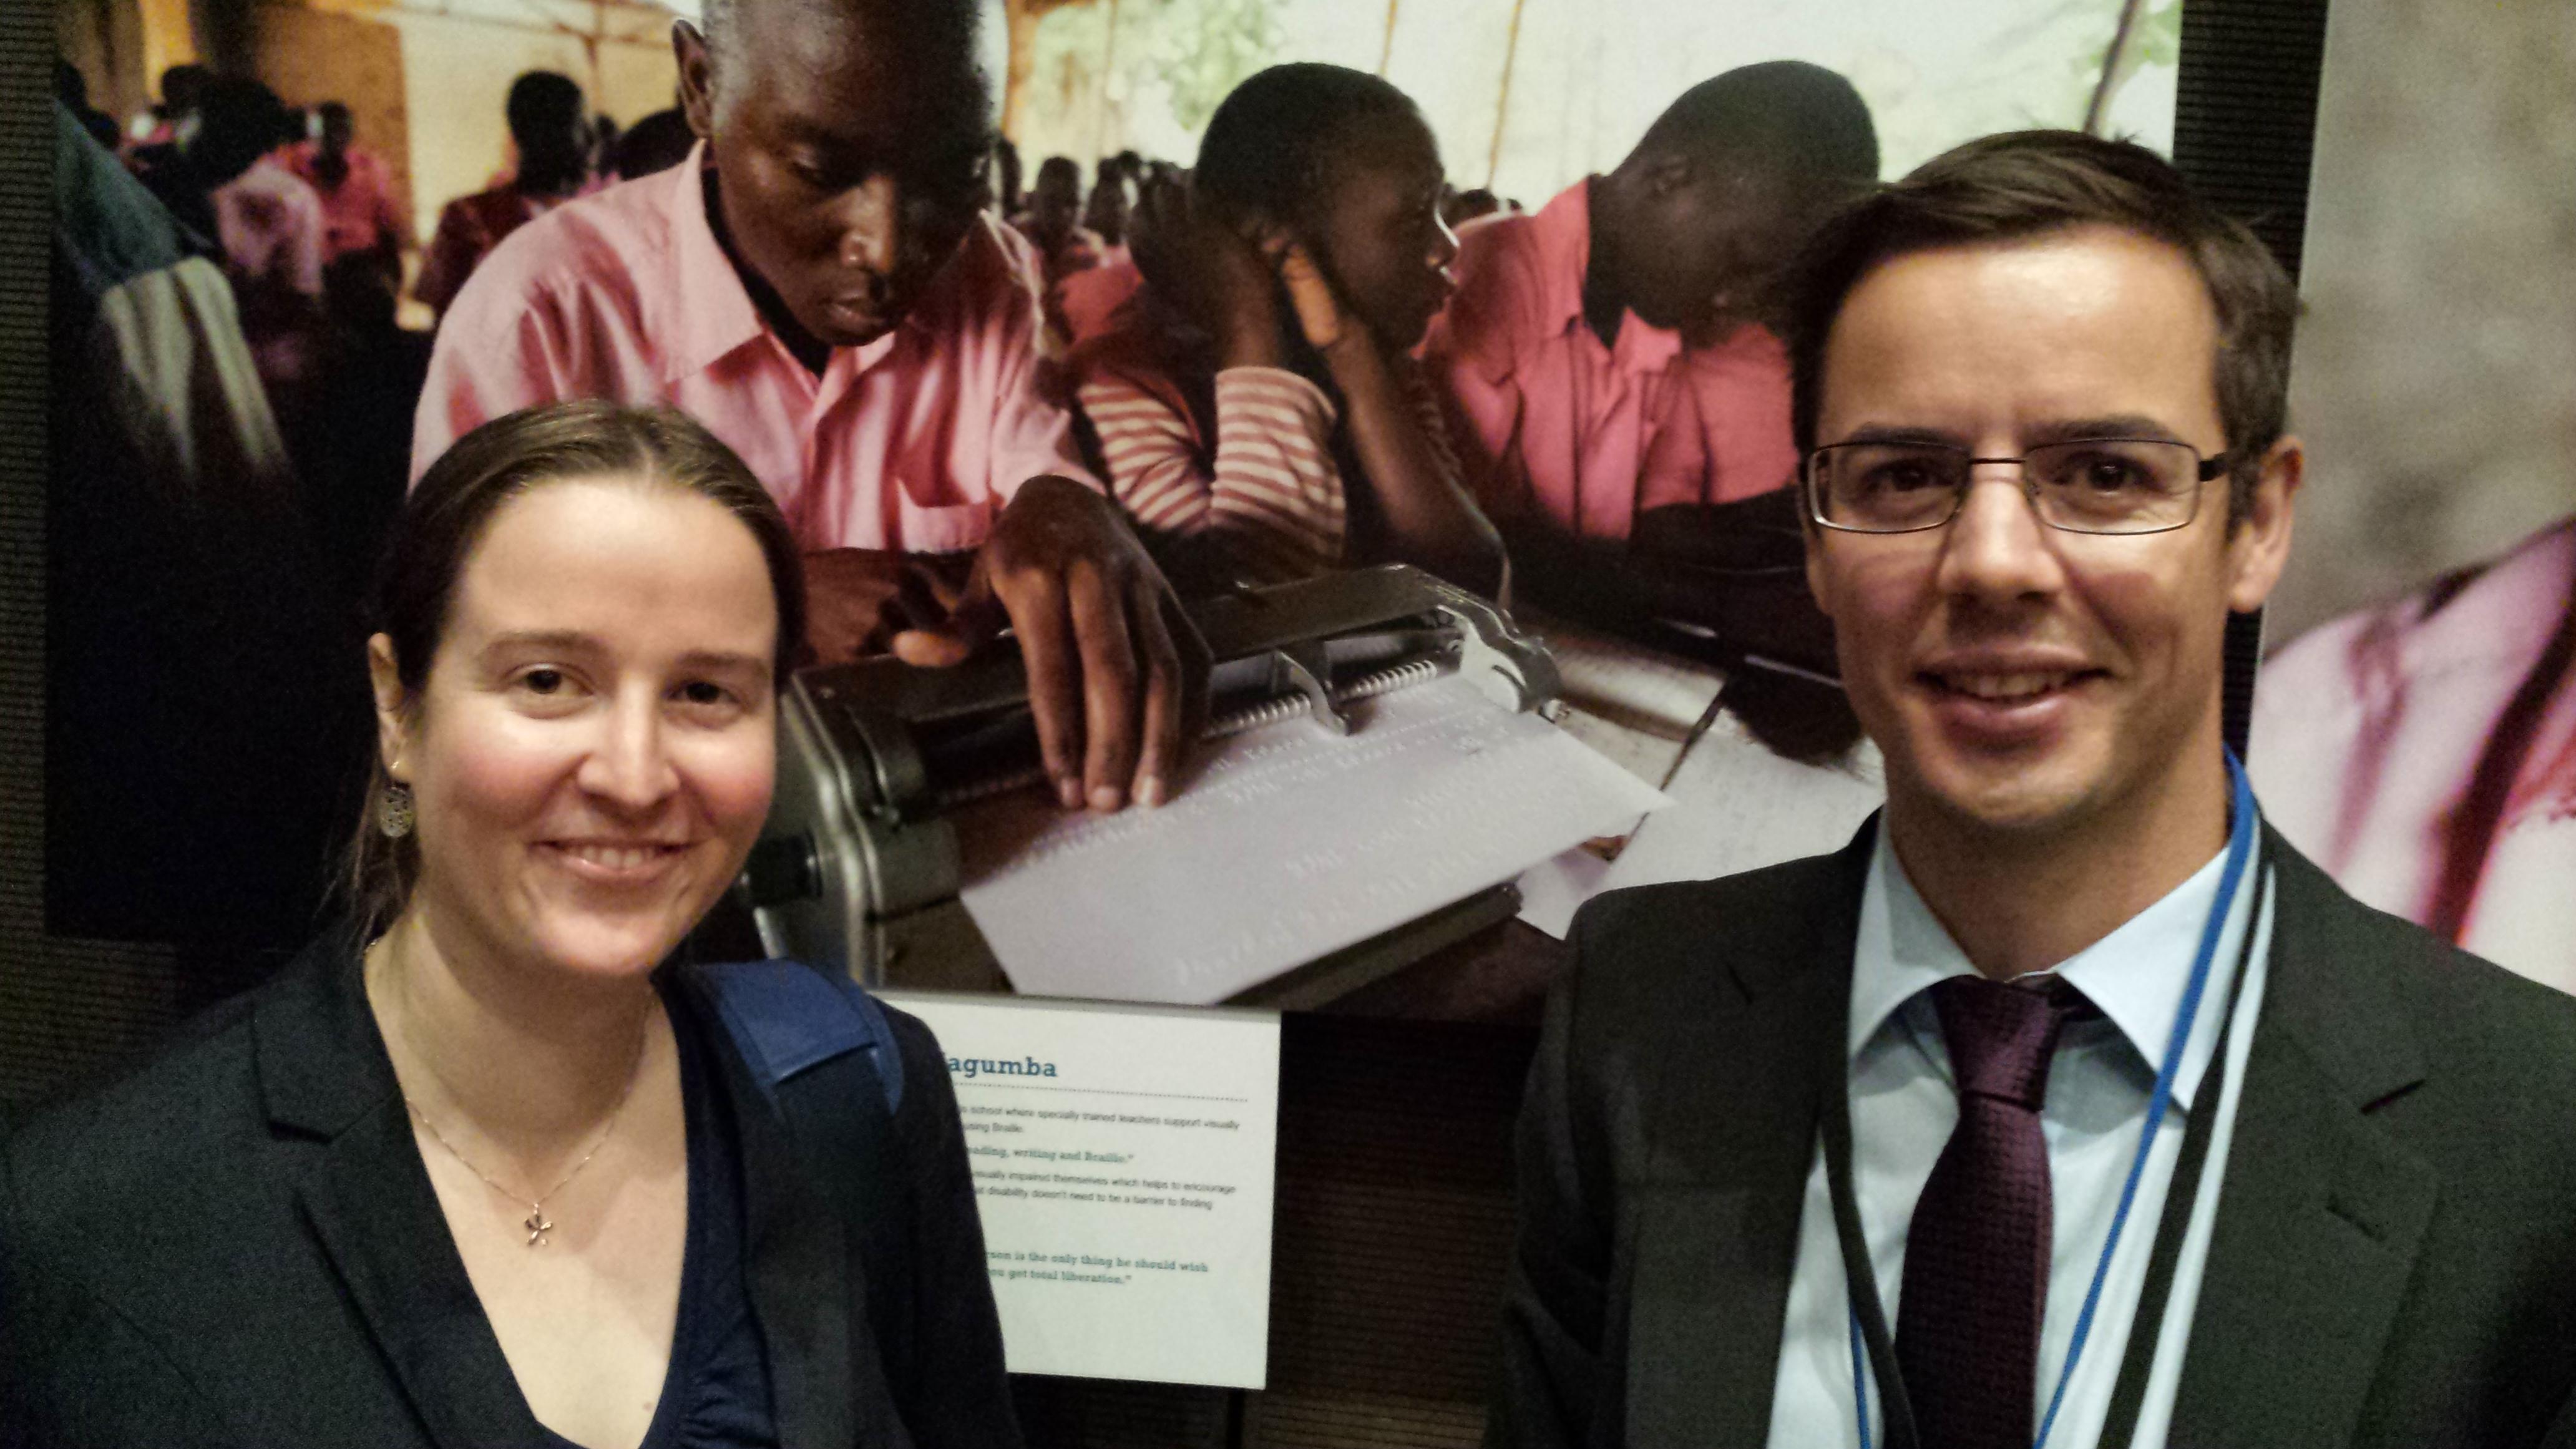 Die beiden offiziellen NGO-VertreterInnen in der Österreichischen Delegation, Magdalena Kern von Licht für die Welt und Daniel Bacher von der Dreikönigsaktion